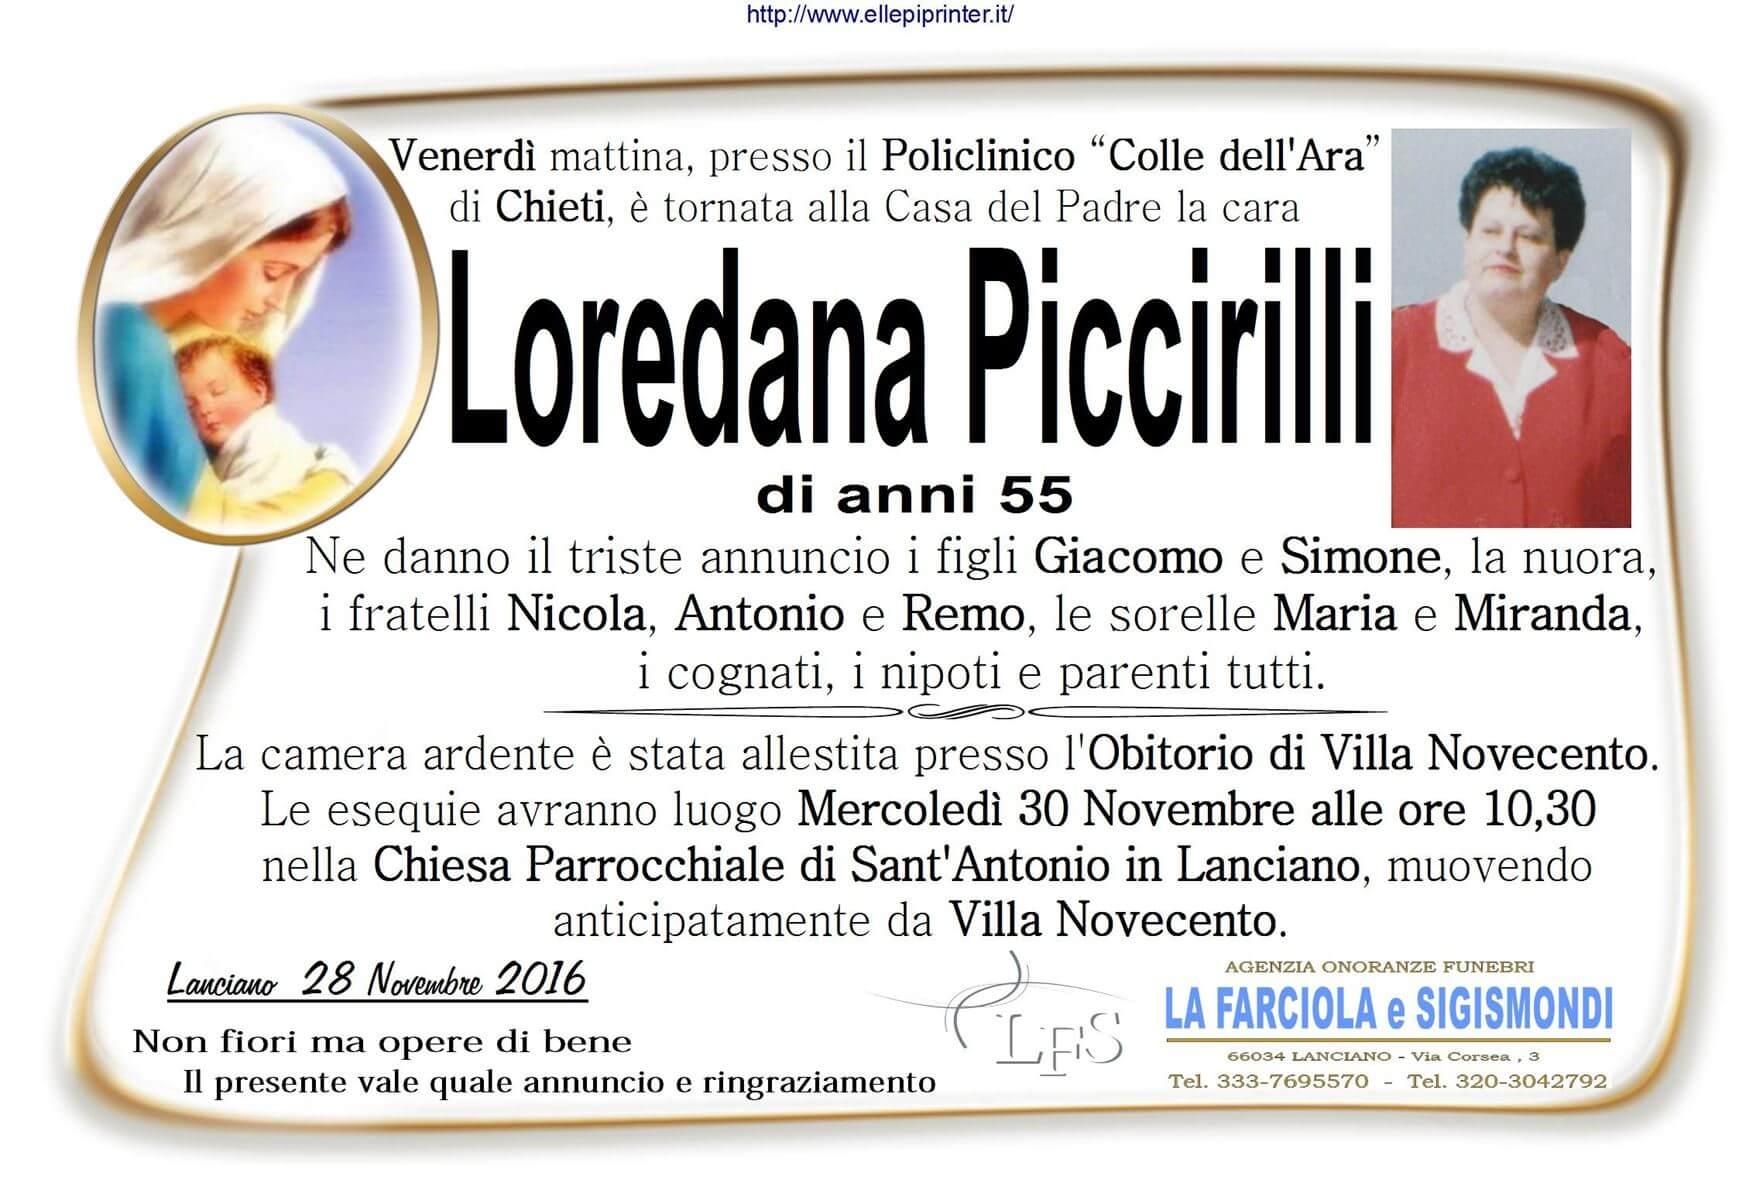 MANIFESTO PICCIRILLI